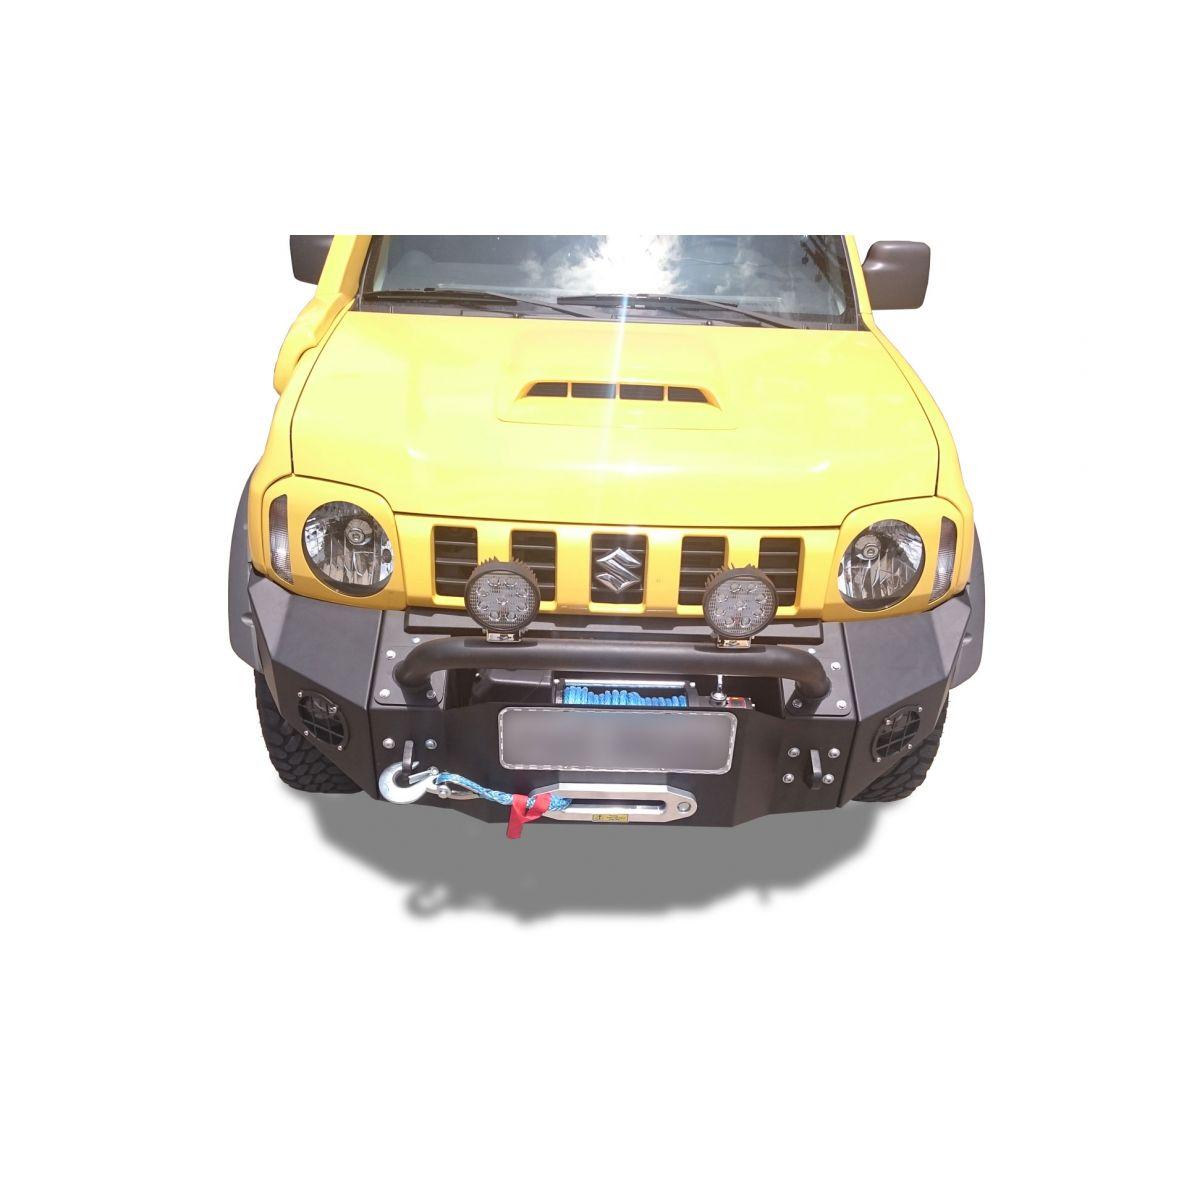 Para-choque Dianteiro De Aço - Suzuki Jimny 4sport (2012-2016)